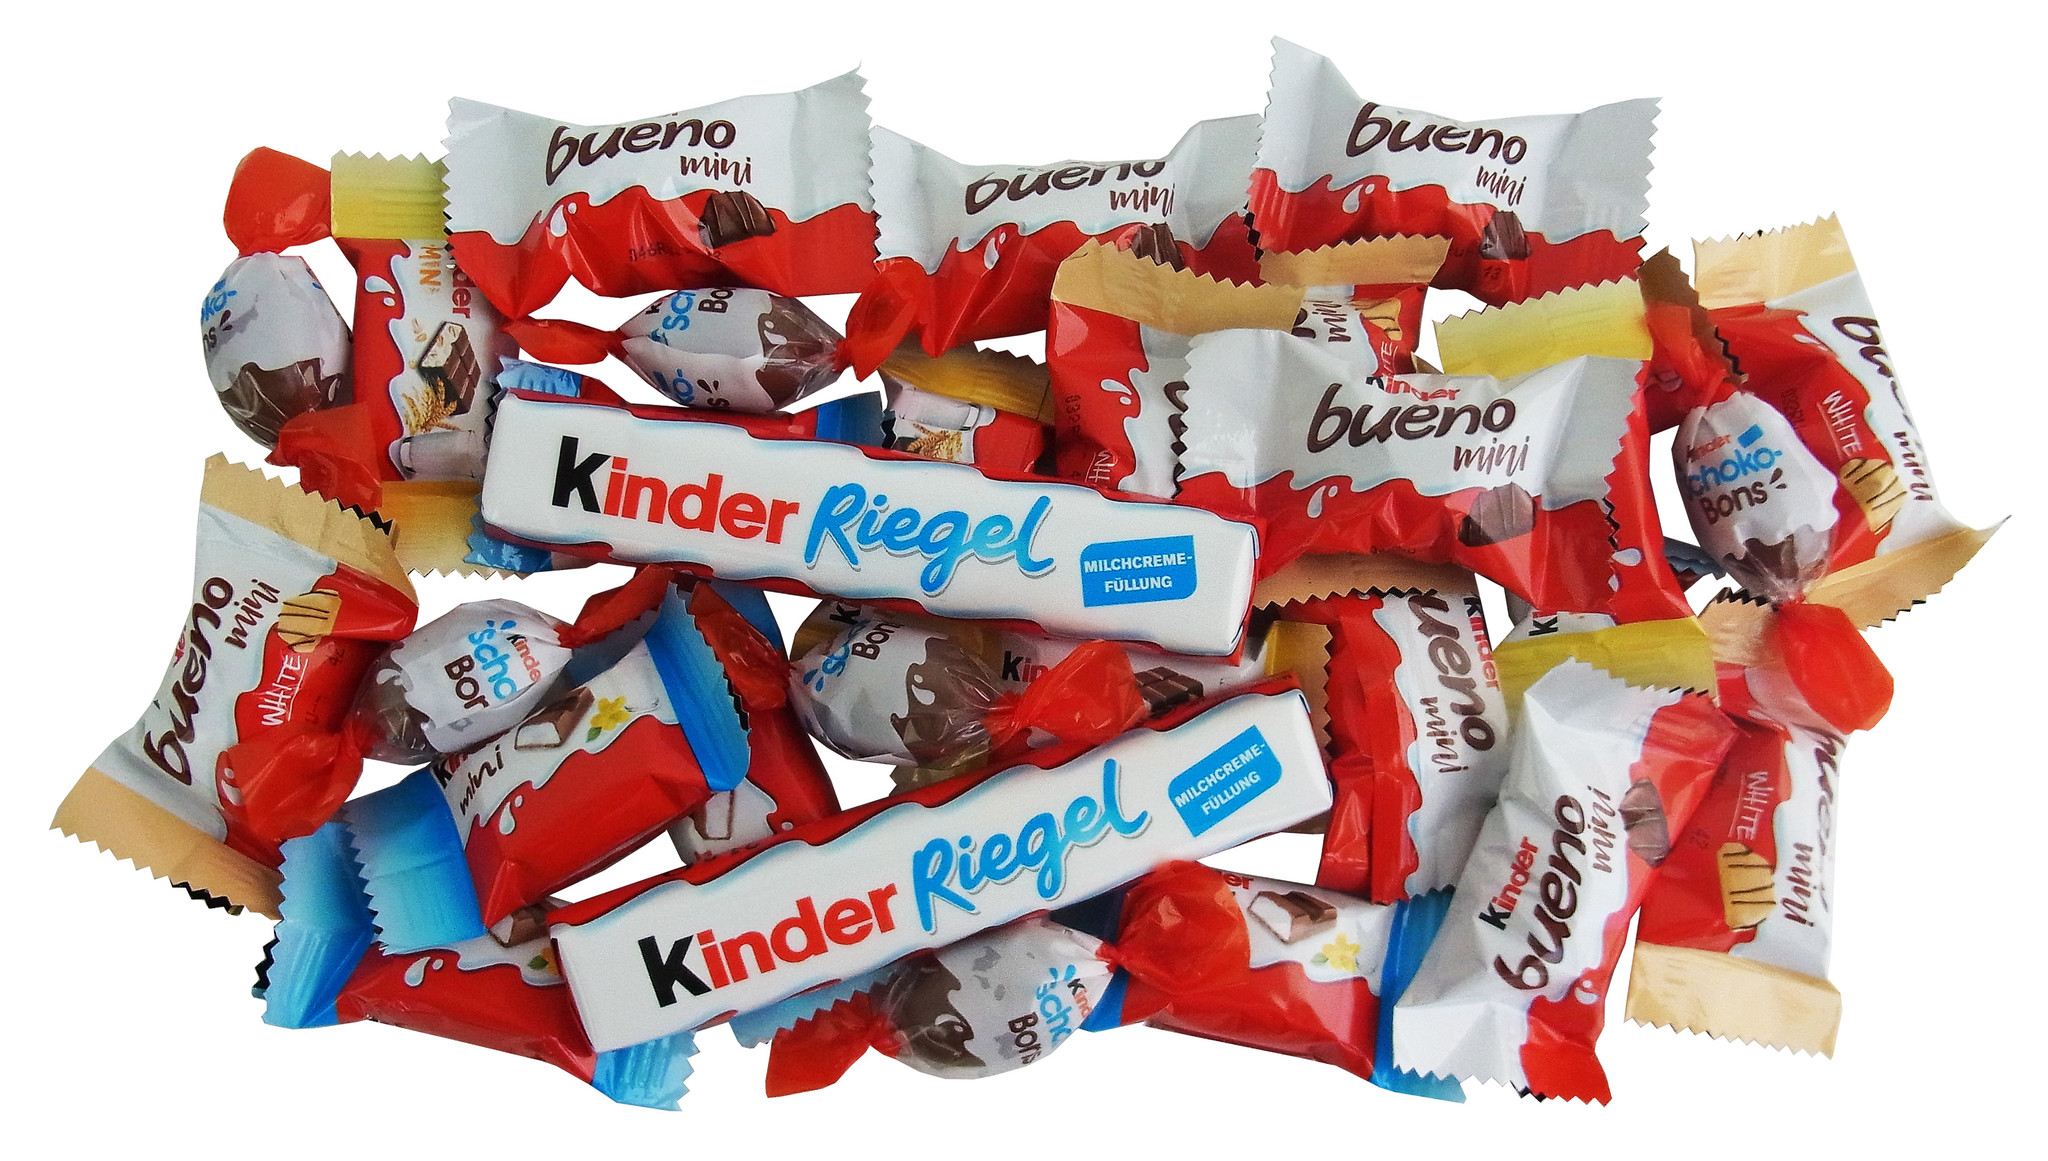 Schultüte Einhorn Design 35cm gefüllt mit Ferrero Kinder Spezialitäten, Schulanfang Geschenk mit 204g